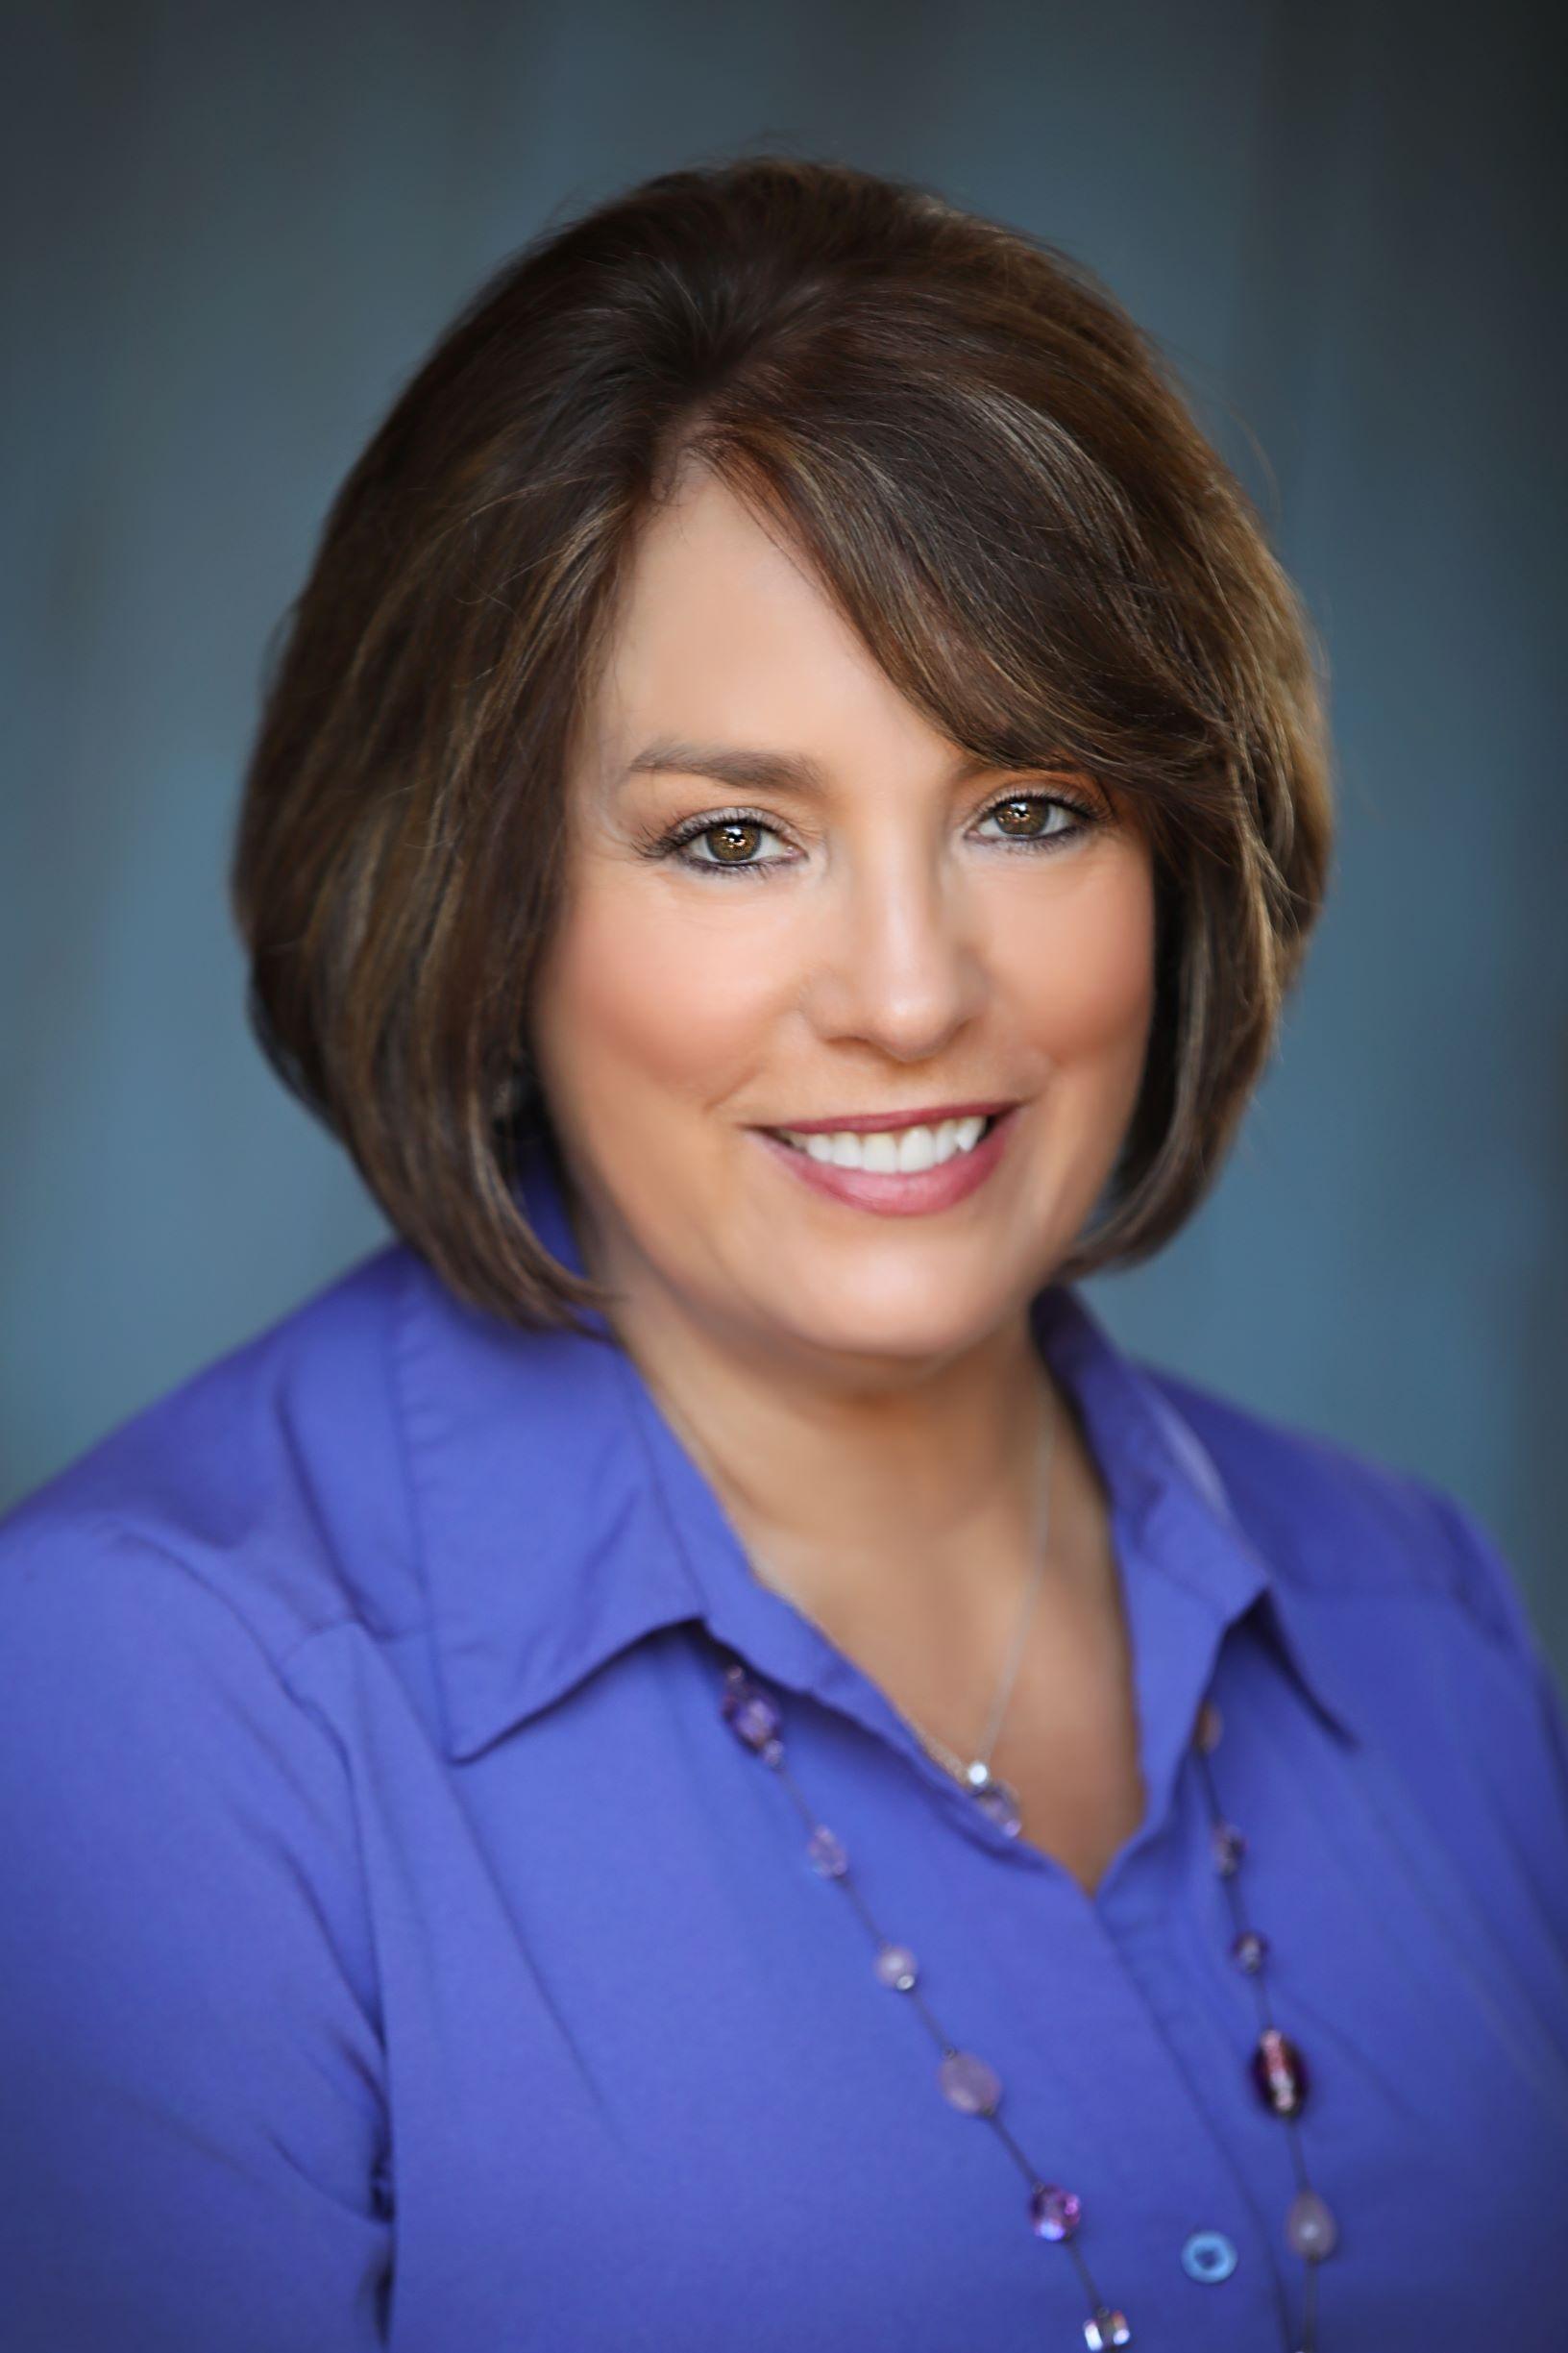 Kathleen Durkin